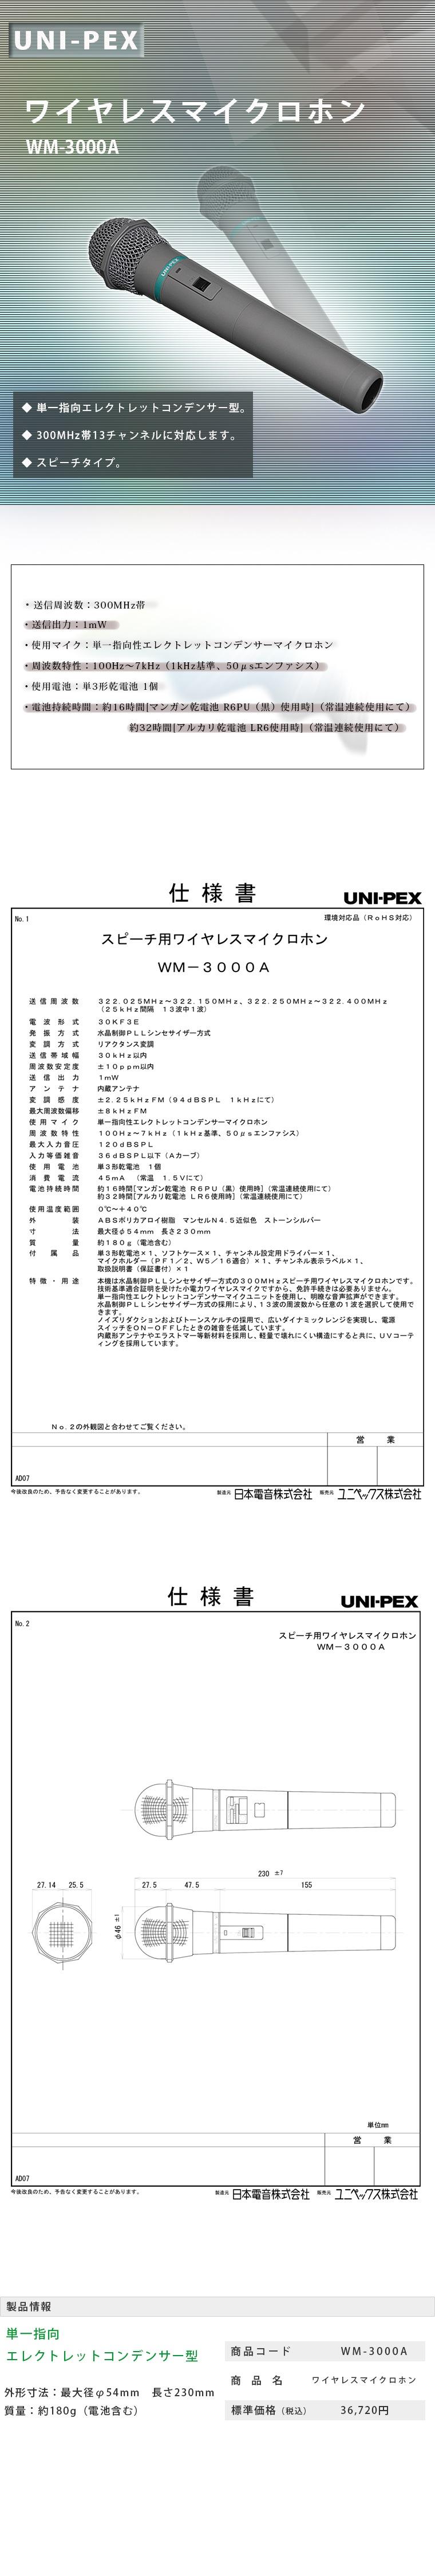 WM-3000A